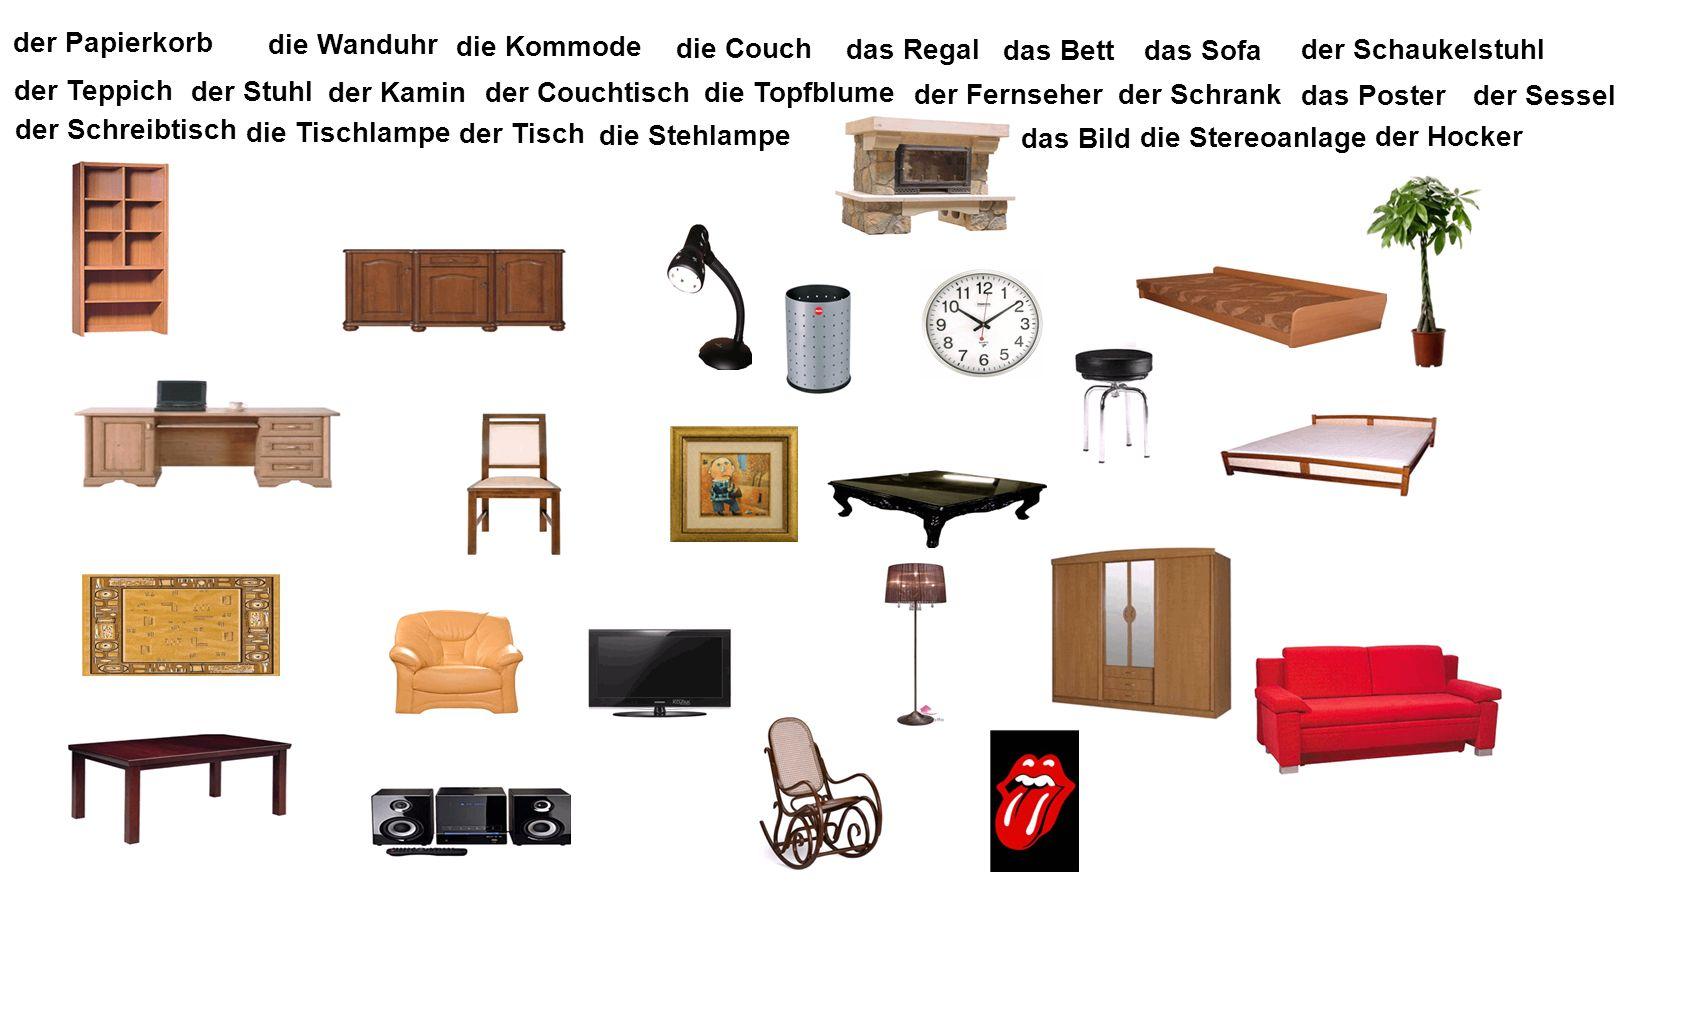 der Papierkorb die Wanduhr. die Kommode. die Couch. das Regal. das Bett. das Sofa. der Schaukelstuhl.